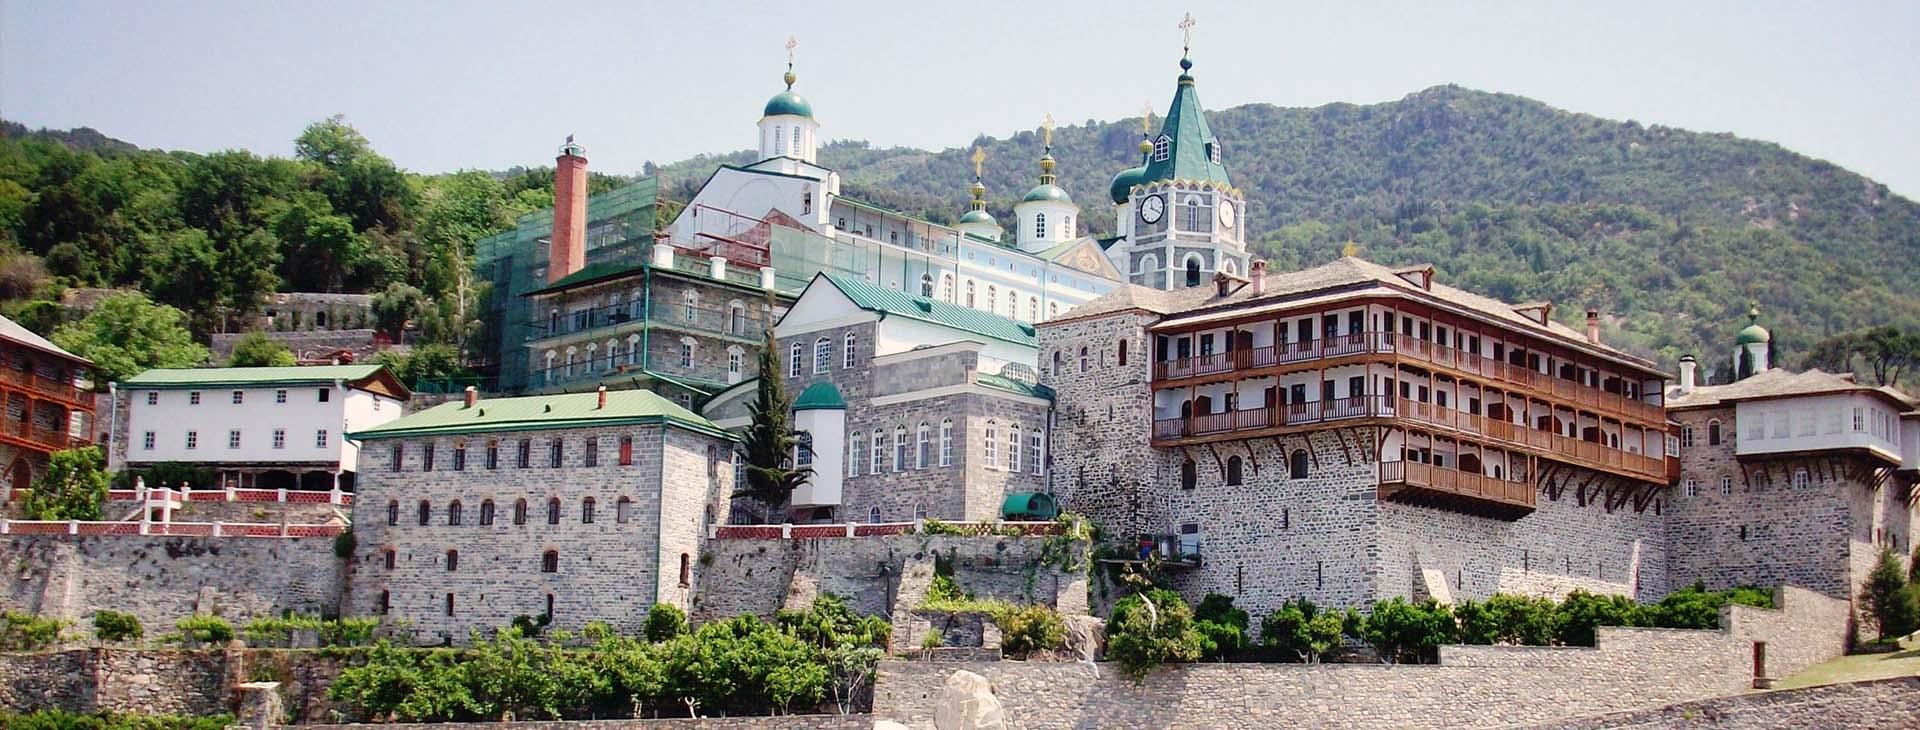 St. Panteleimon Monastery, Mt. Athos, Halkidiki (Chalkidiki)